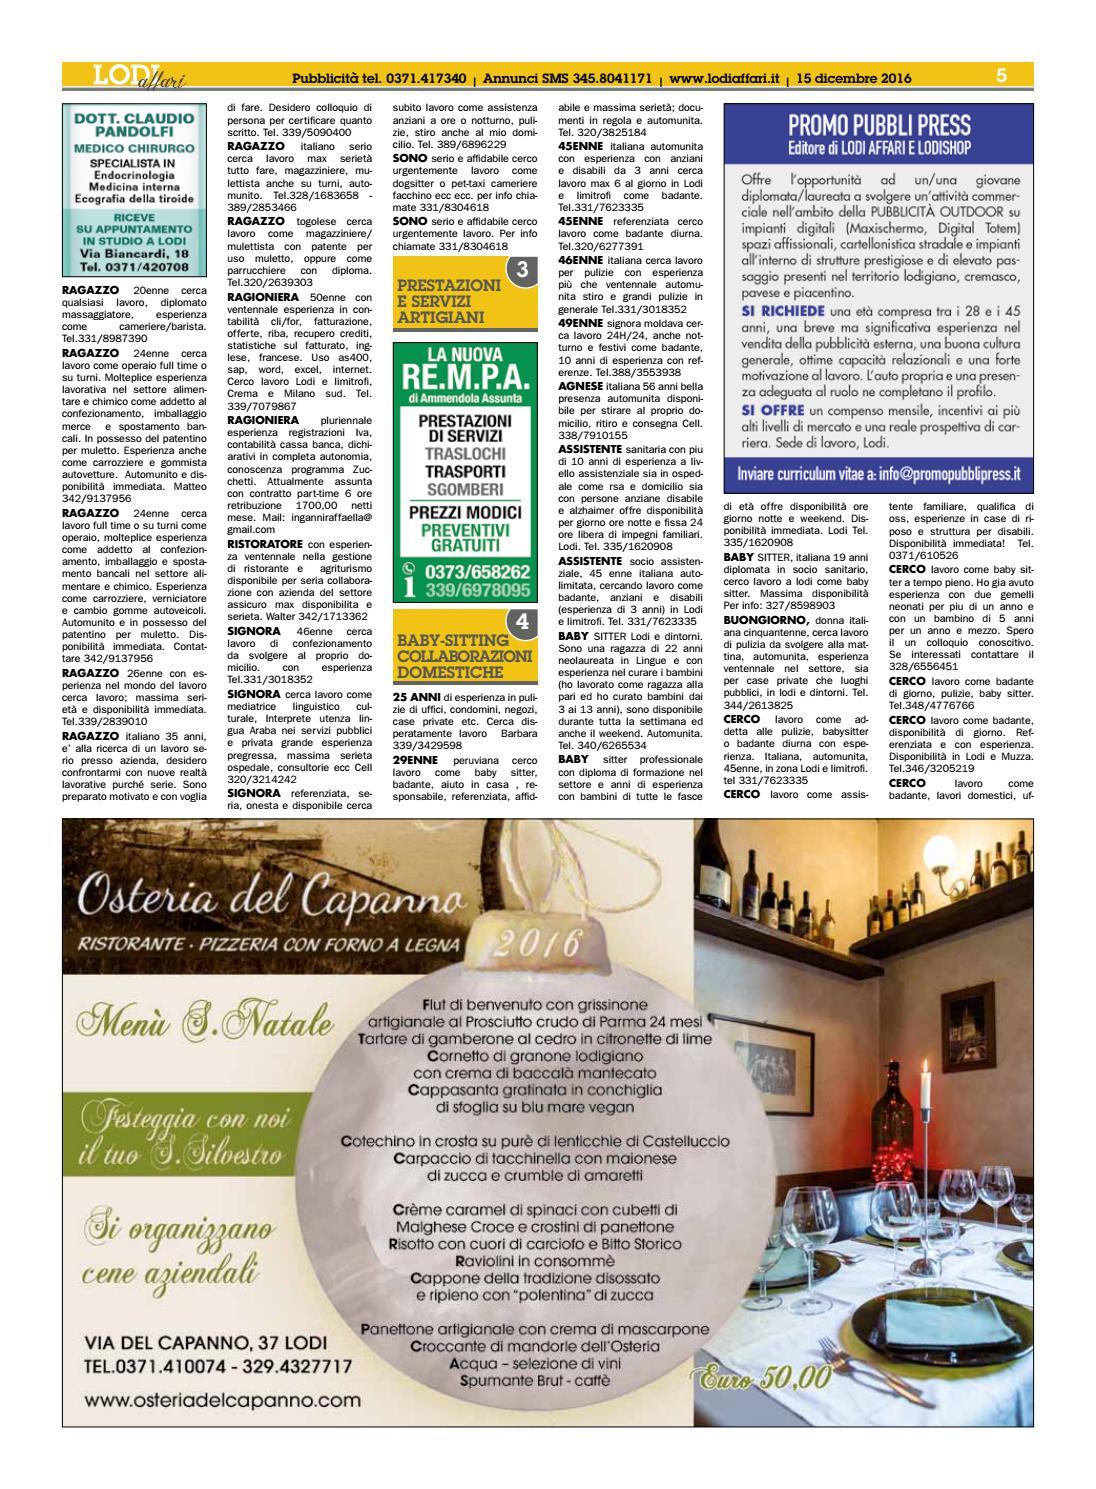 Offerte Di Lavoro Nella Provincia Di Parma